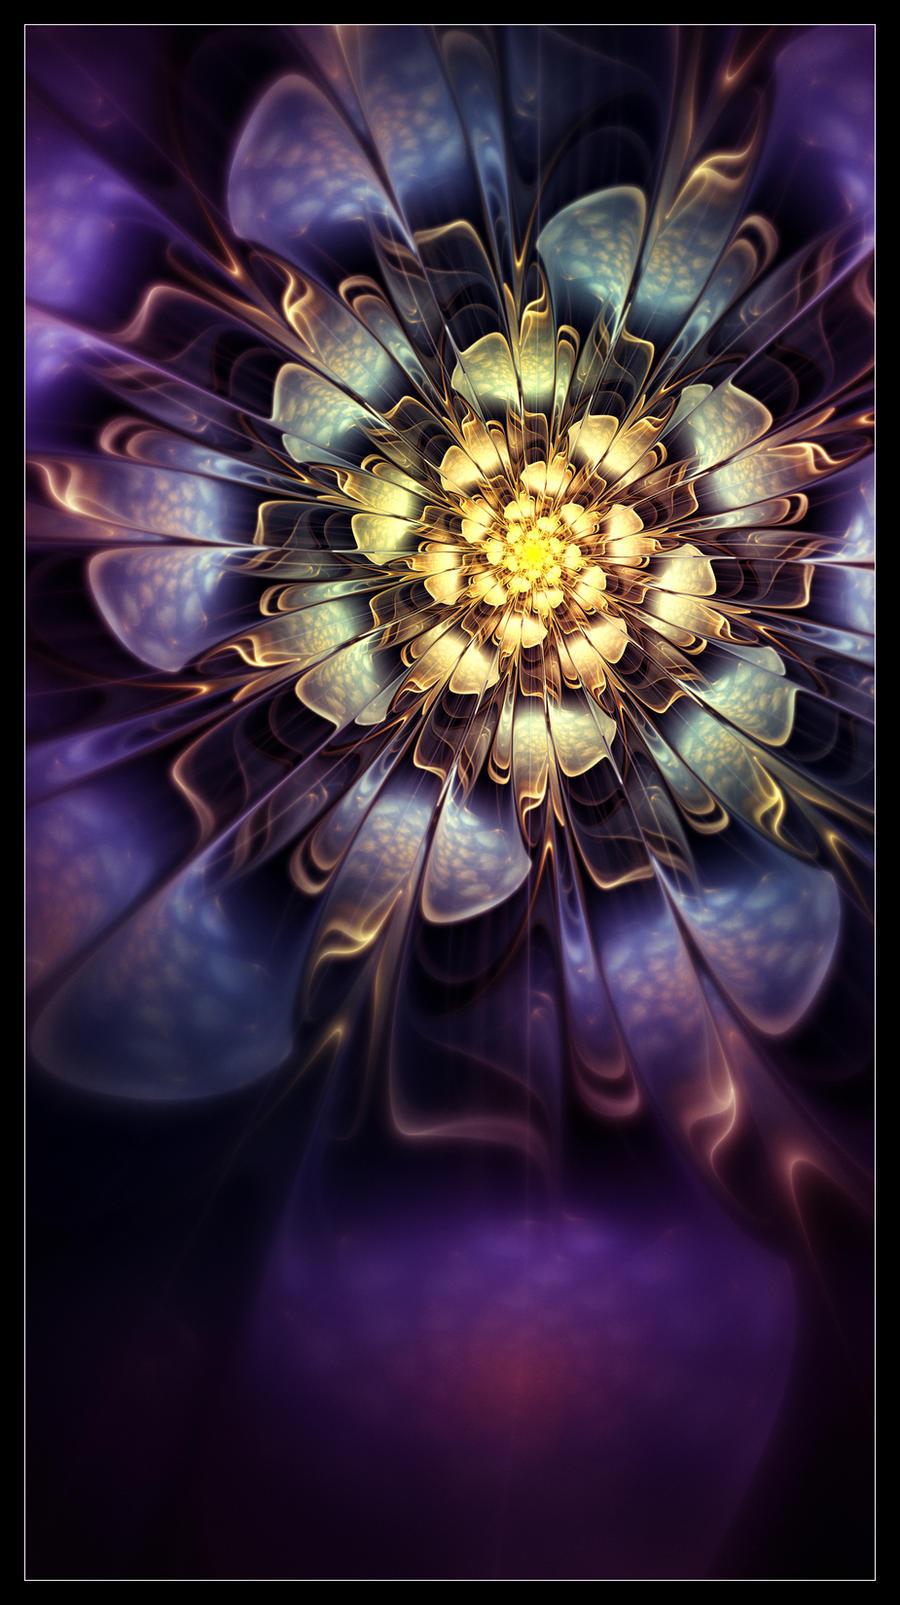 Renaissance by lindelokse